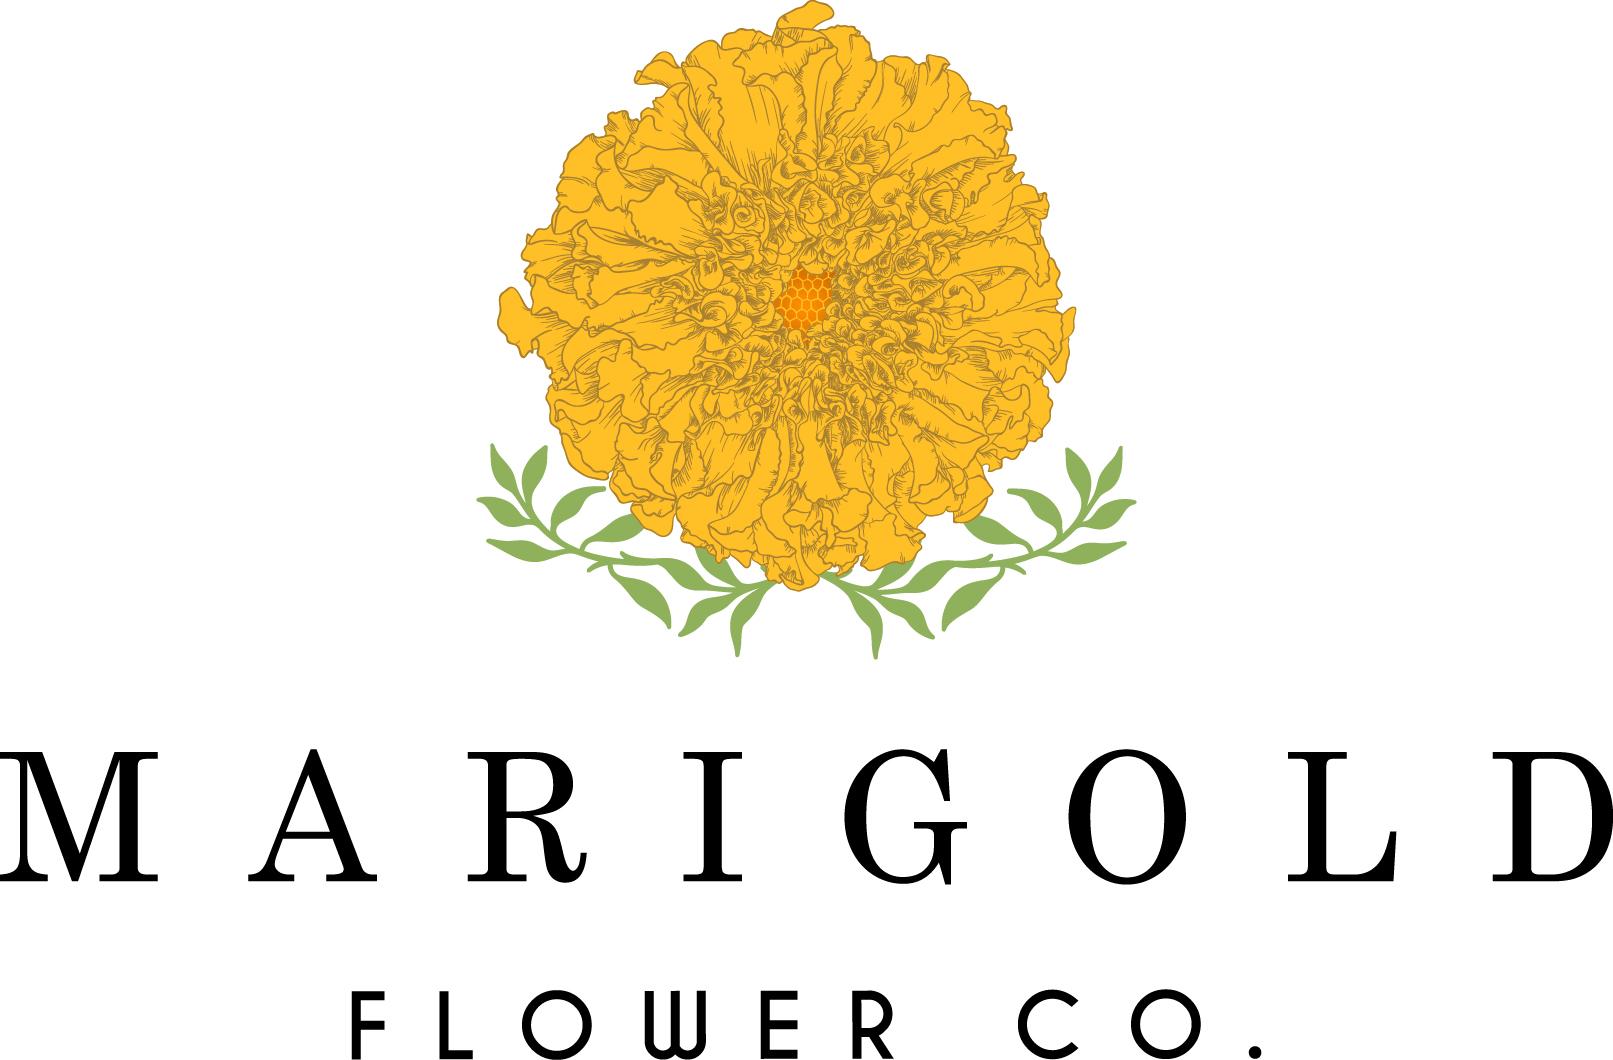 Marigold Flower Co Yellow Leaf Marketing Yellow Leaf Marketing